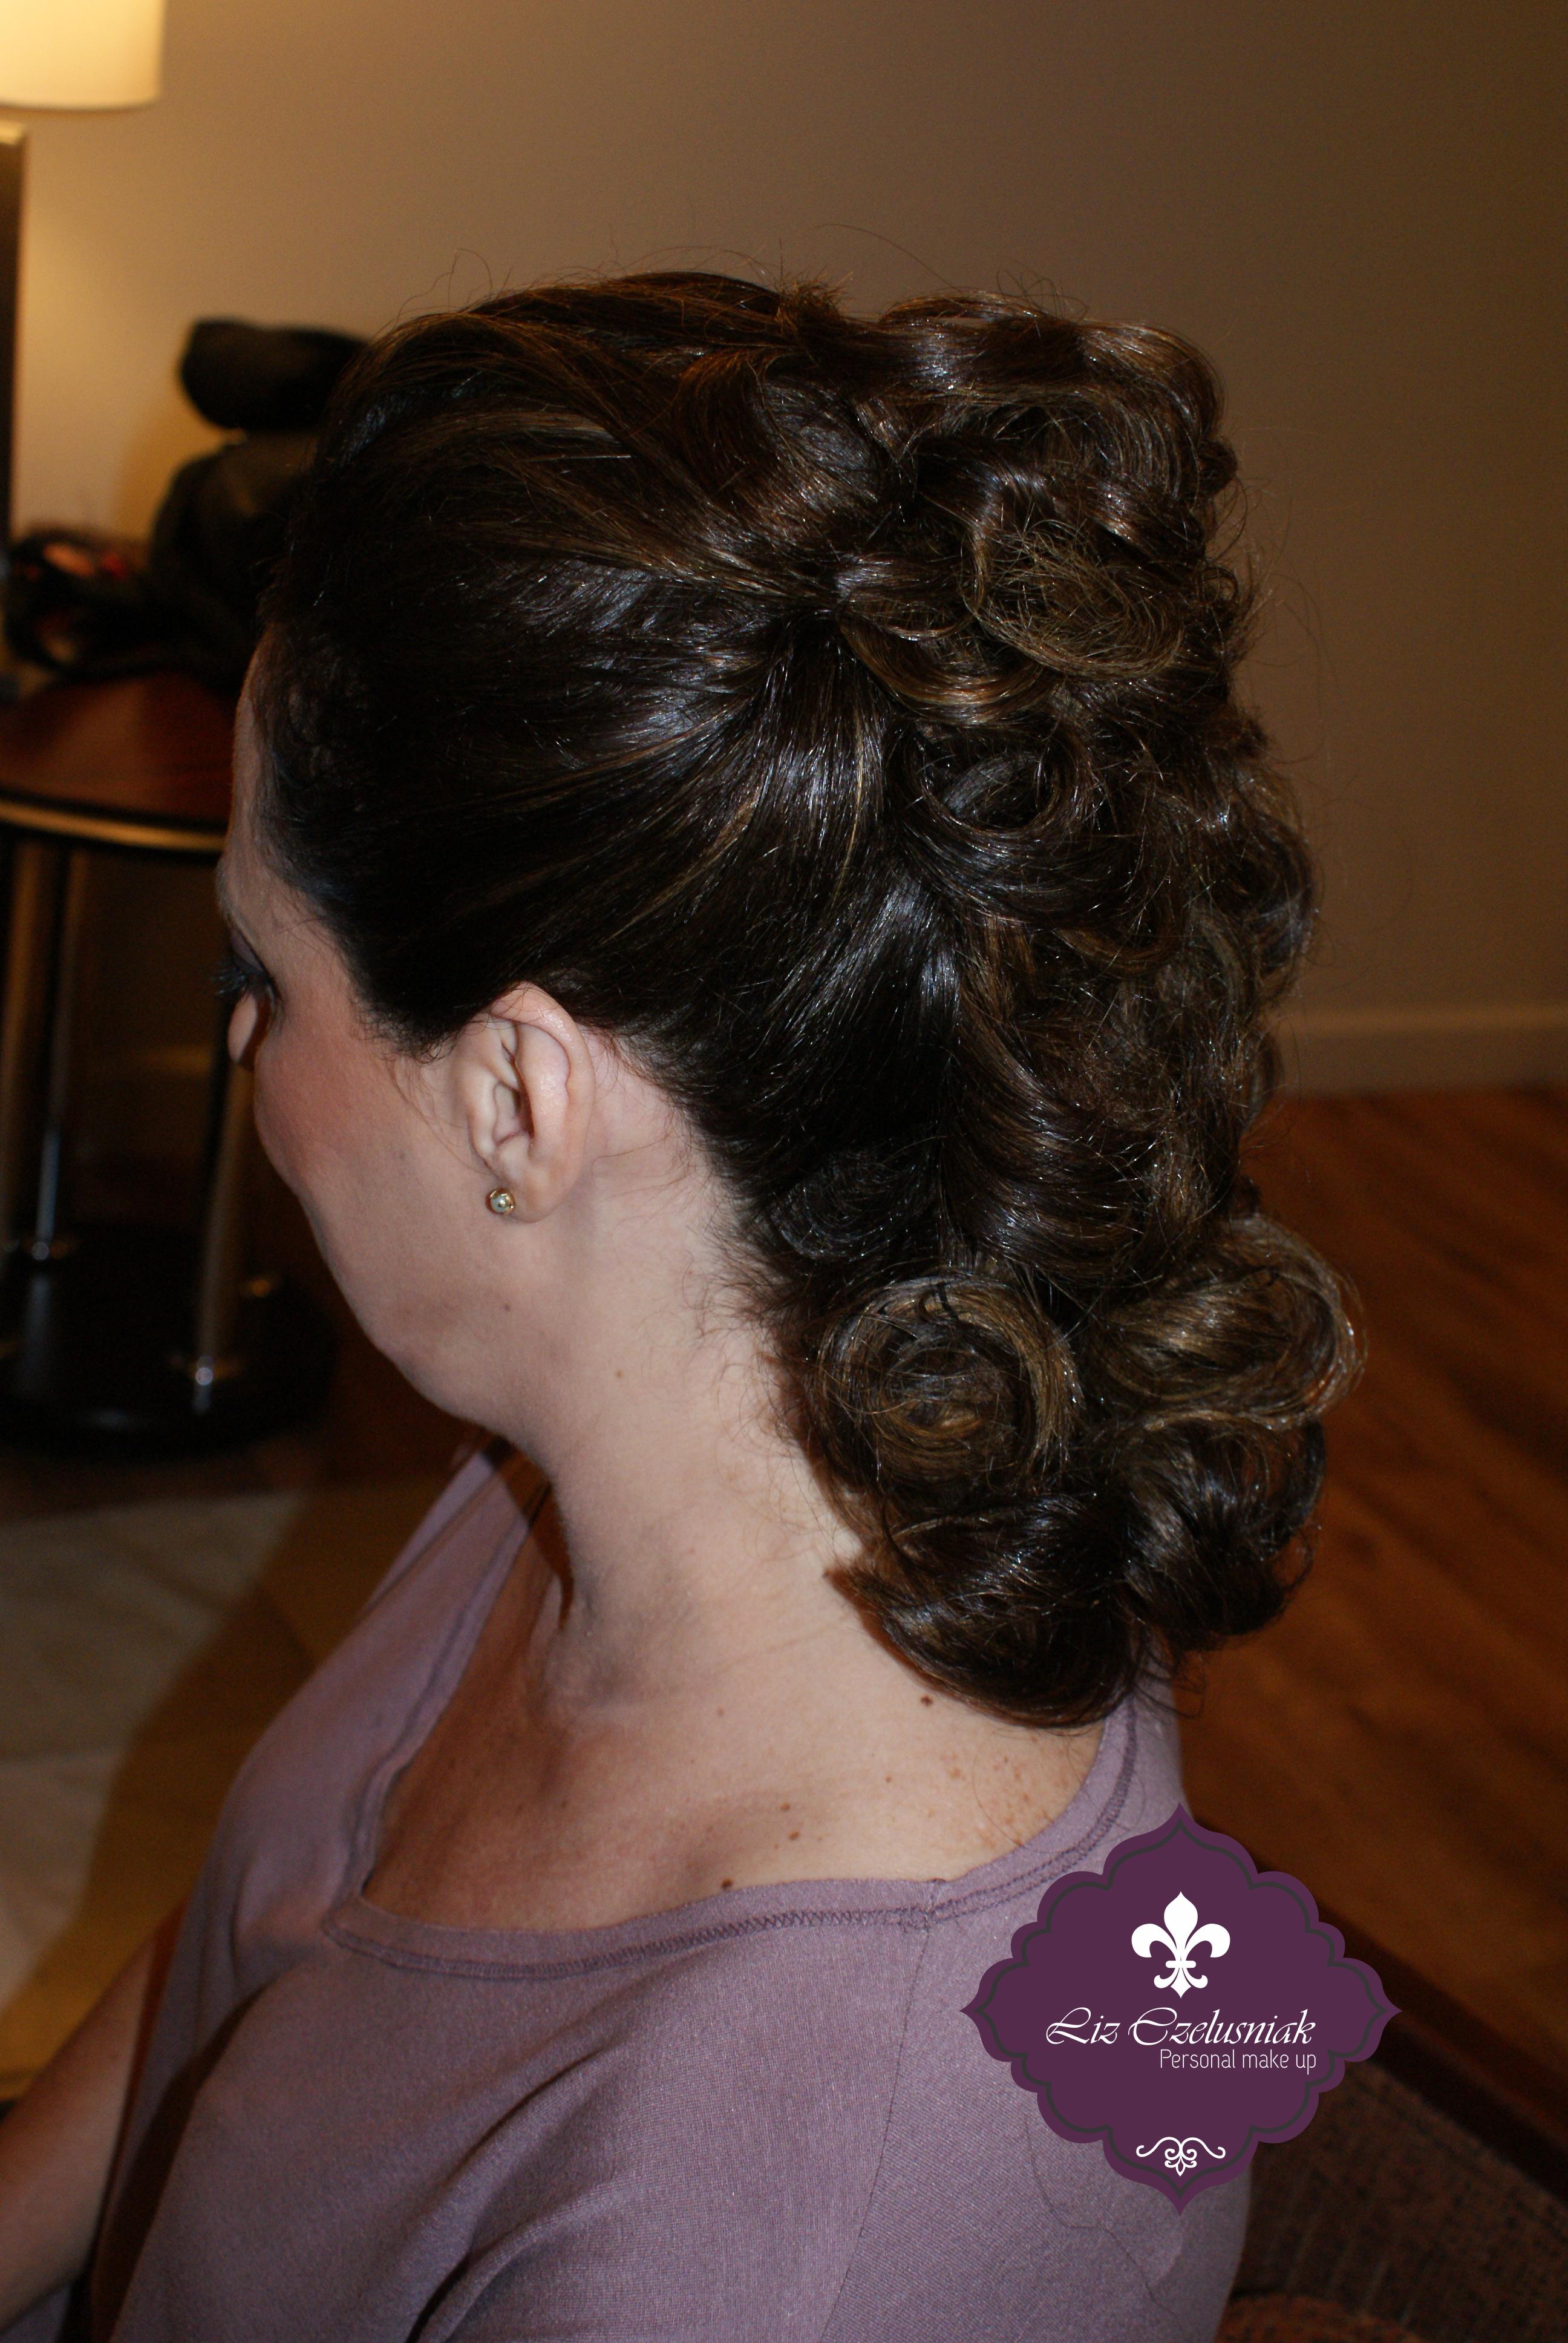 Hair by Liz Czelusniak Penteado#Convidada#Casamento#by#LizCzelusniak maquiador(a) cabeleireiro(a) designer de sobrancelhas